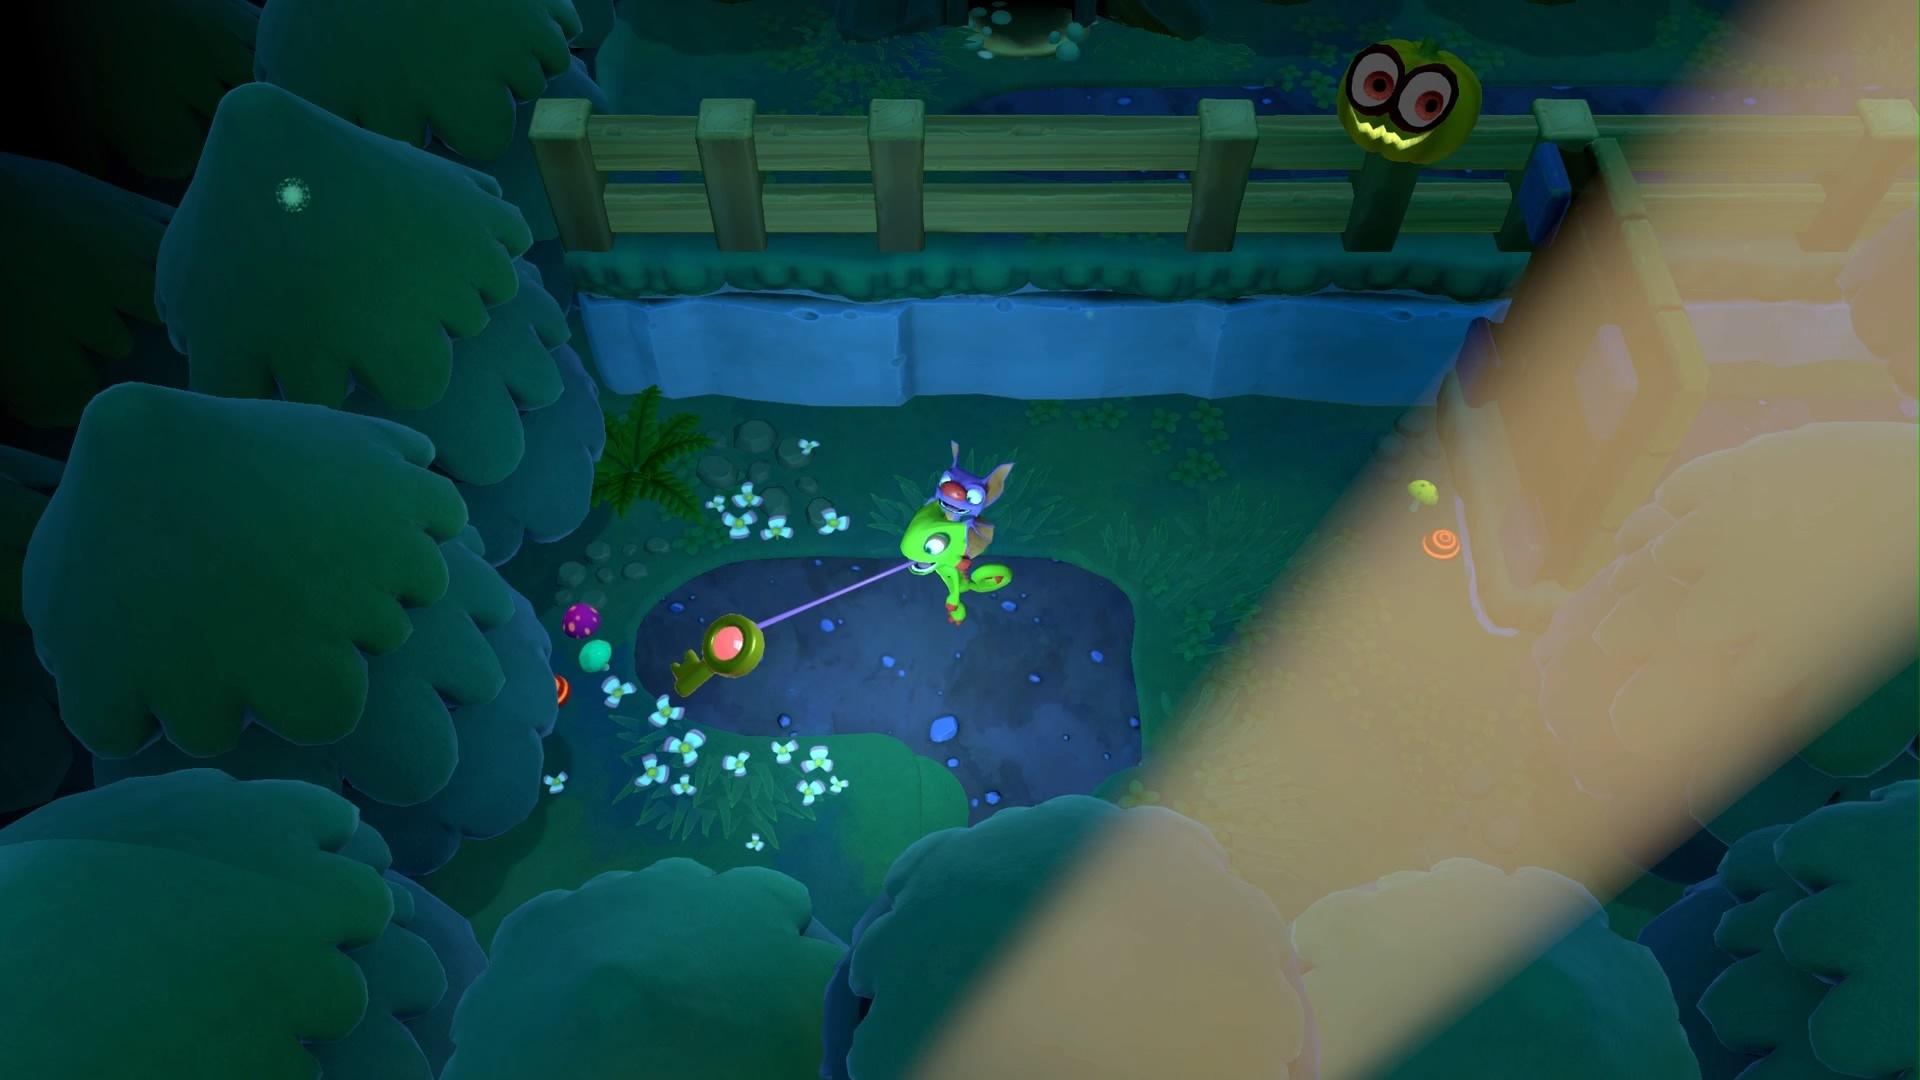 インポッシブル迷宮® 森林エリア-7